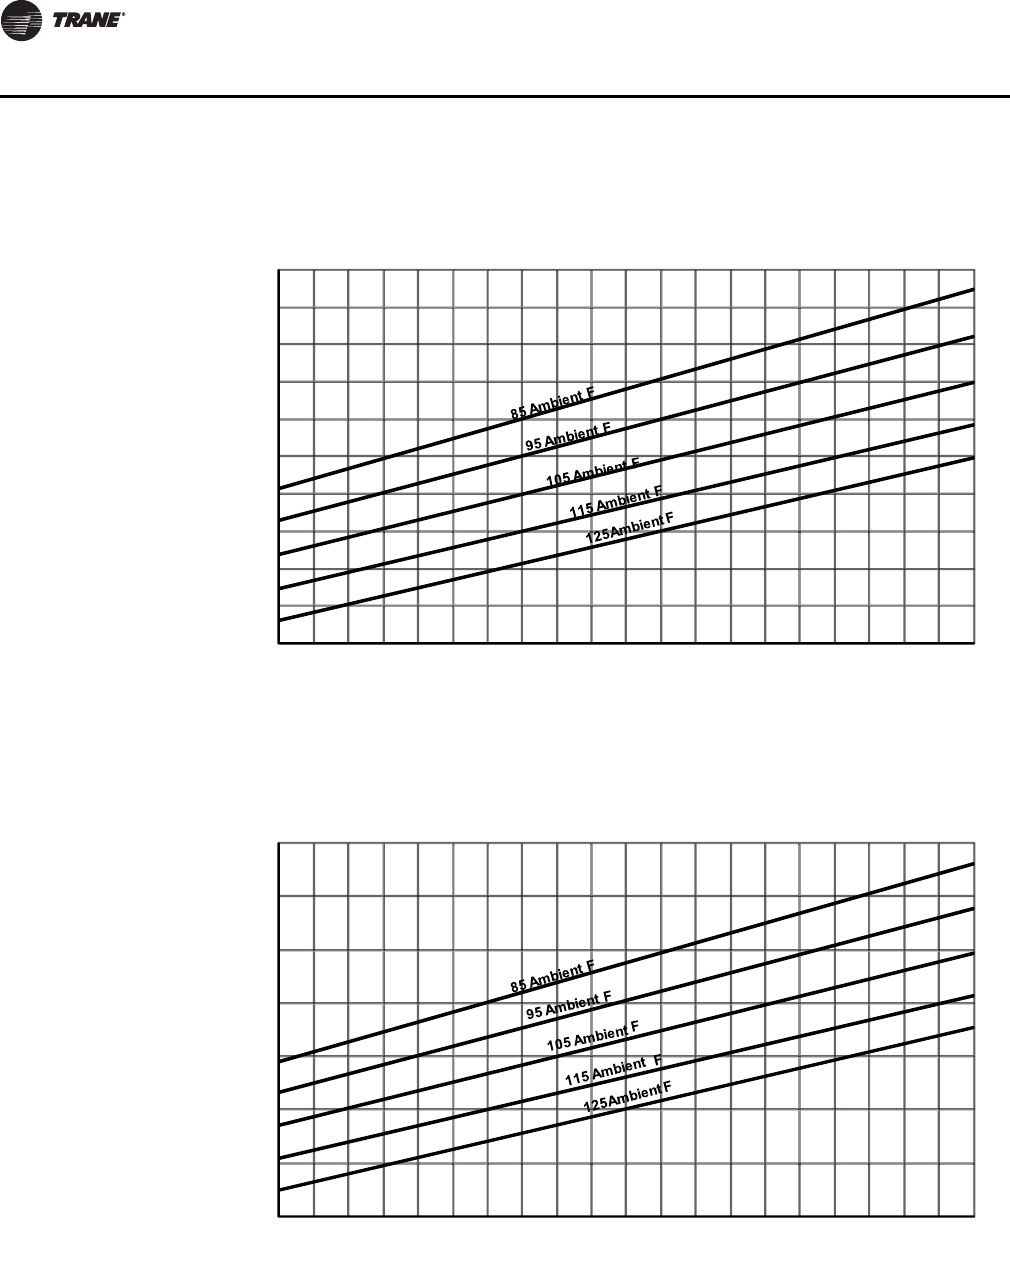 Trane Rauj Cauj 20 To 120 Tons Catalogue SS PRC030 EN (03